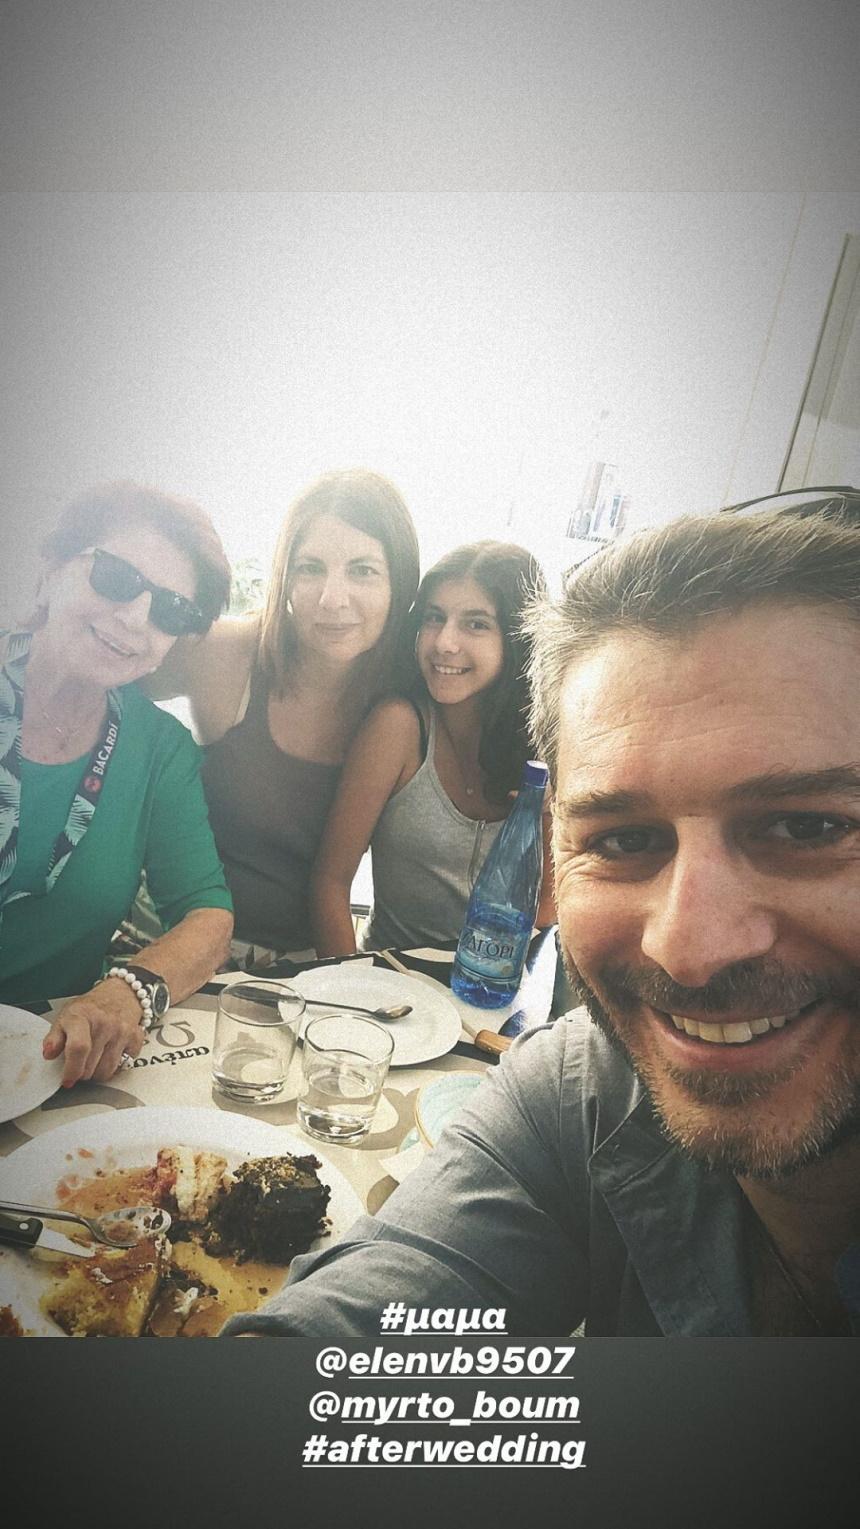 Αλέξανδρος Μπουρδούμη- Λένα Δροσάκη: Παντρεύτηκαν στην Πάτρα! (εικόνες)